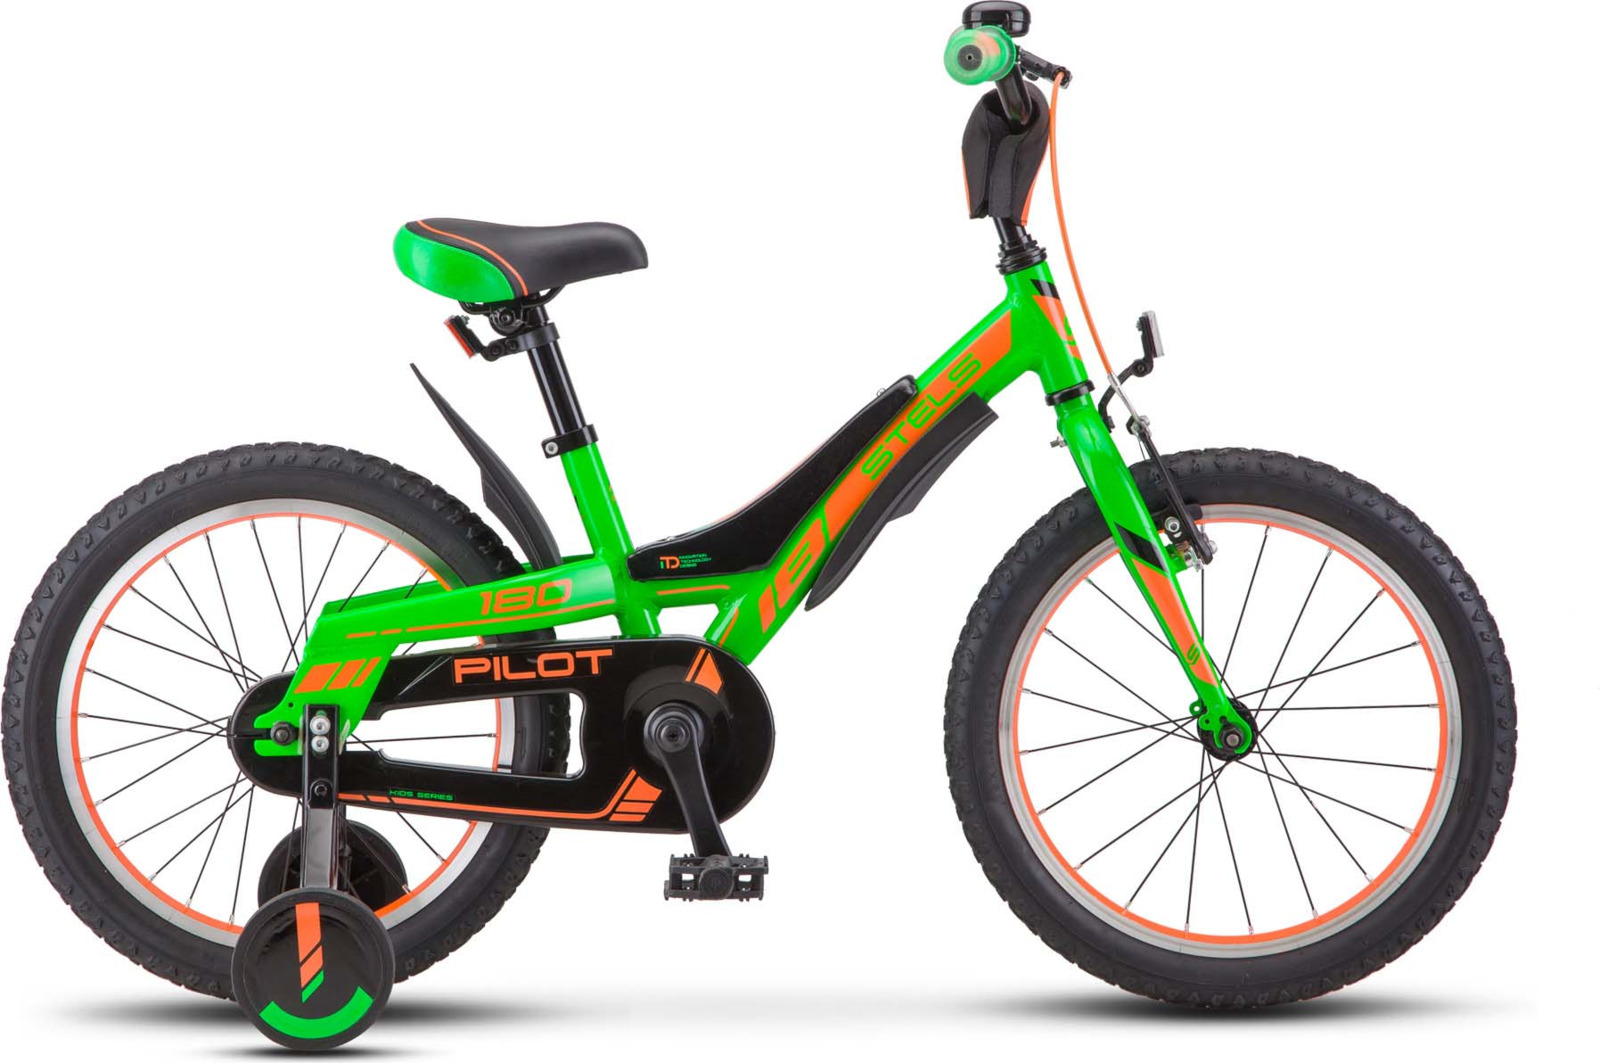 Велосипед Stels Pilot-180 18, KUBC0047412018, зеленый